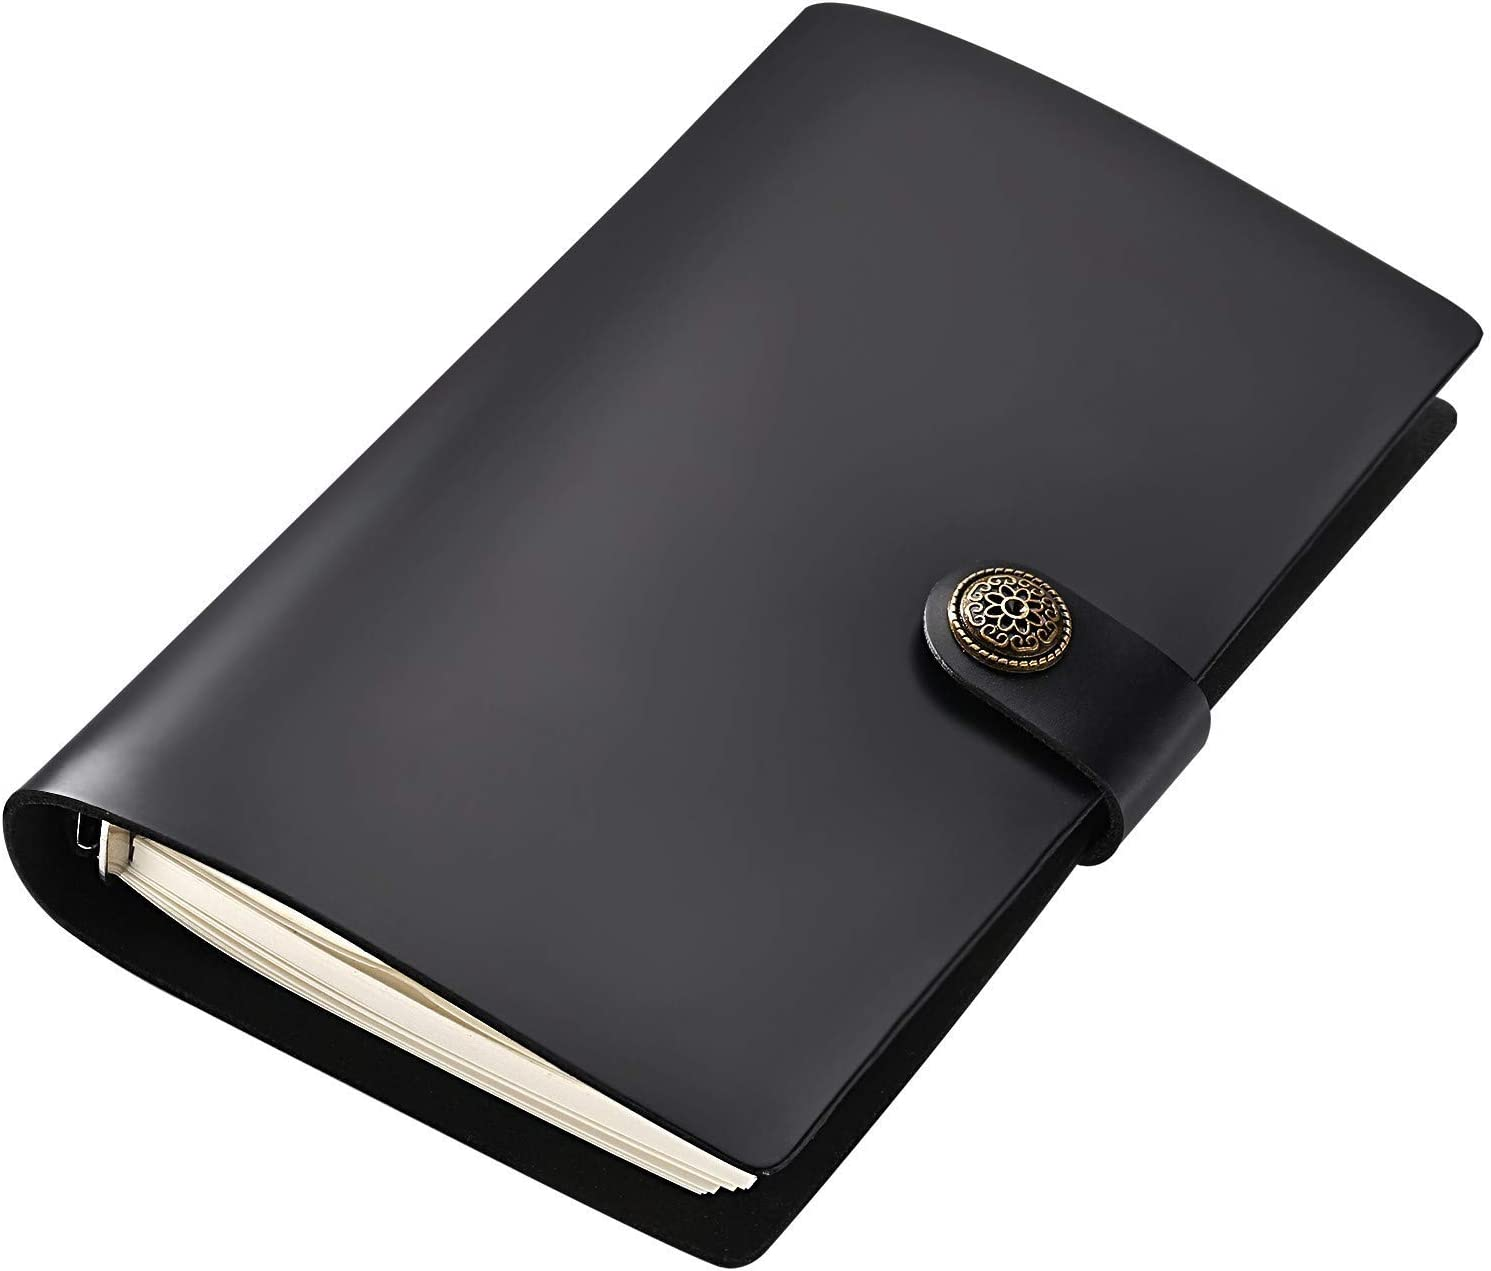 Recargable Cuaderno A6,Cuaderno Cuero Genuino,Diario de Viaje, Libreta Natural,Libretas Bonitas Cuero Real,Regalos para Escritores Hombre,Cuadernos